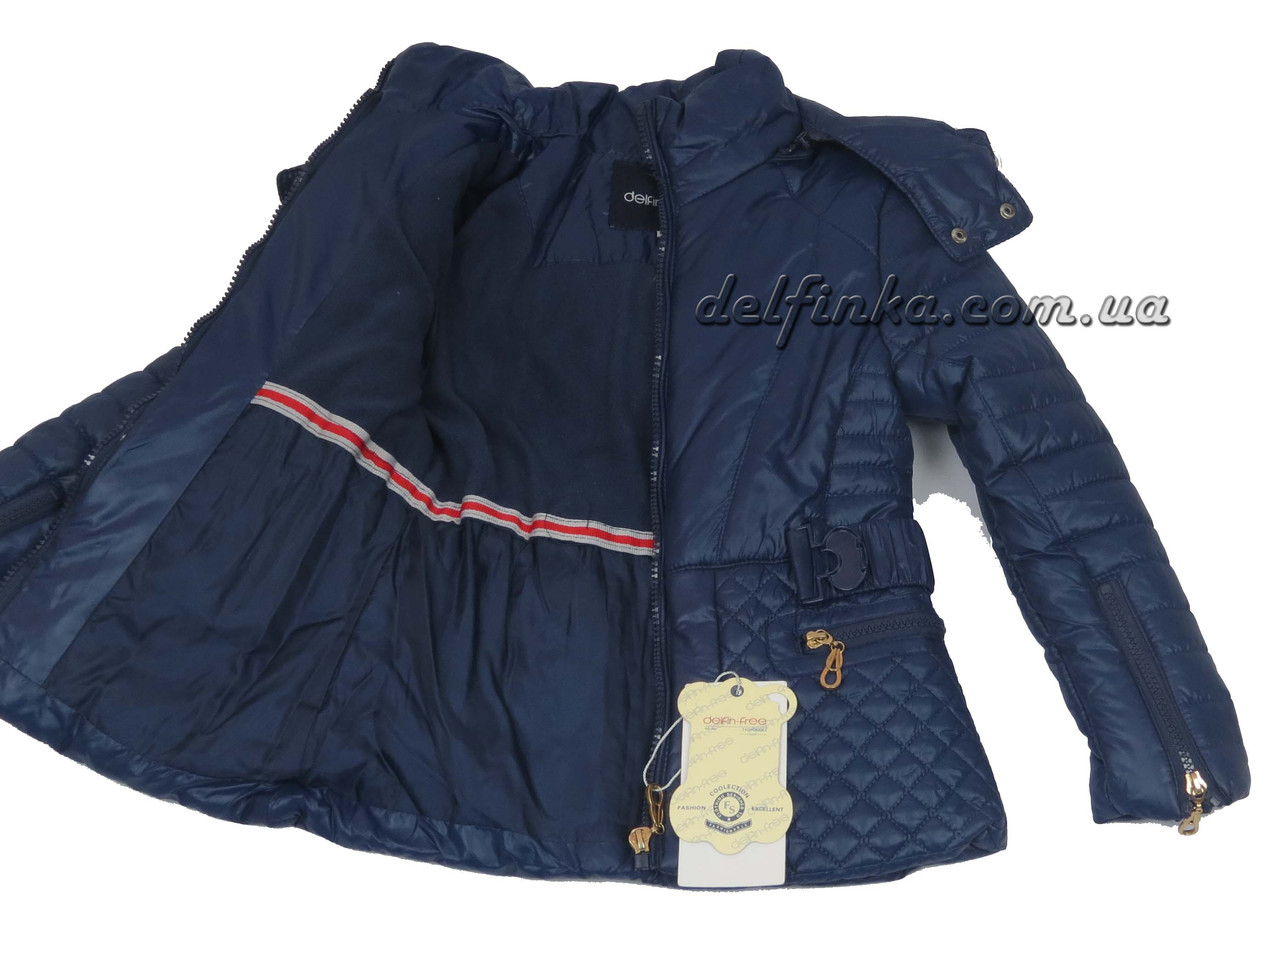 Куртка для девочек  демисизонная 5-9 лет цвет синий, фото 2